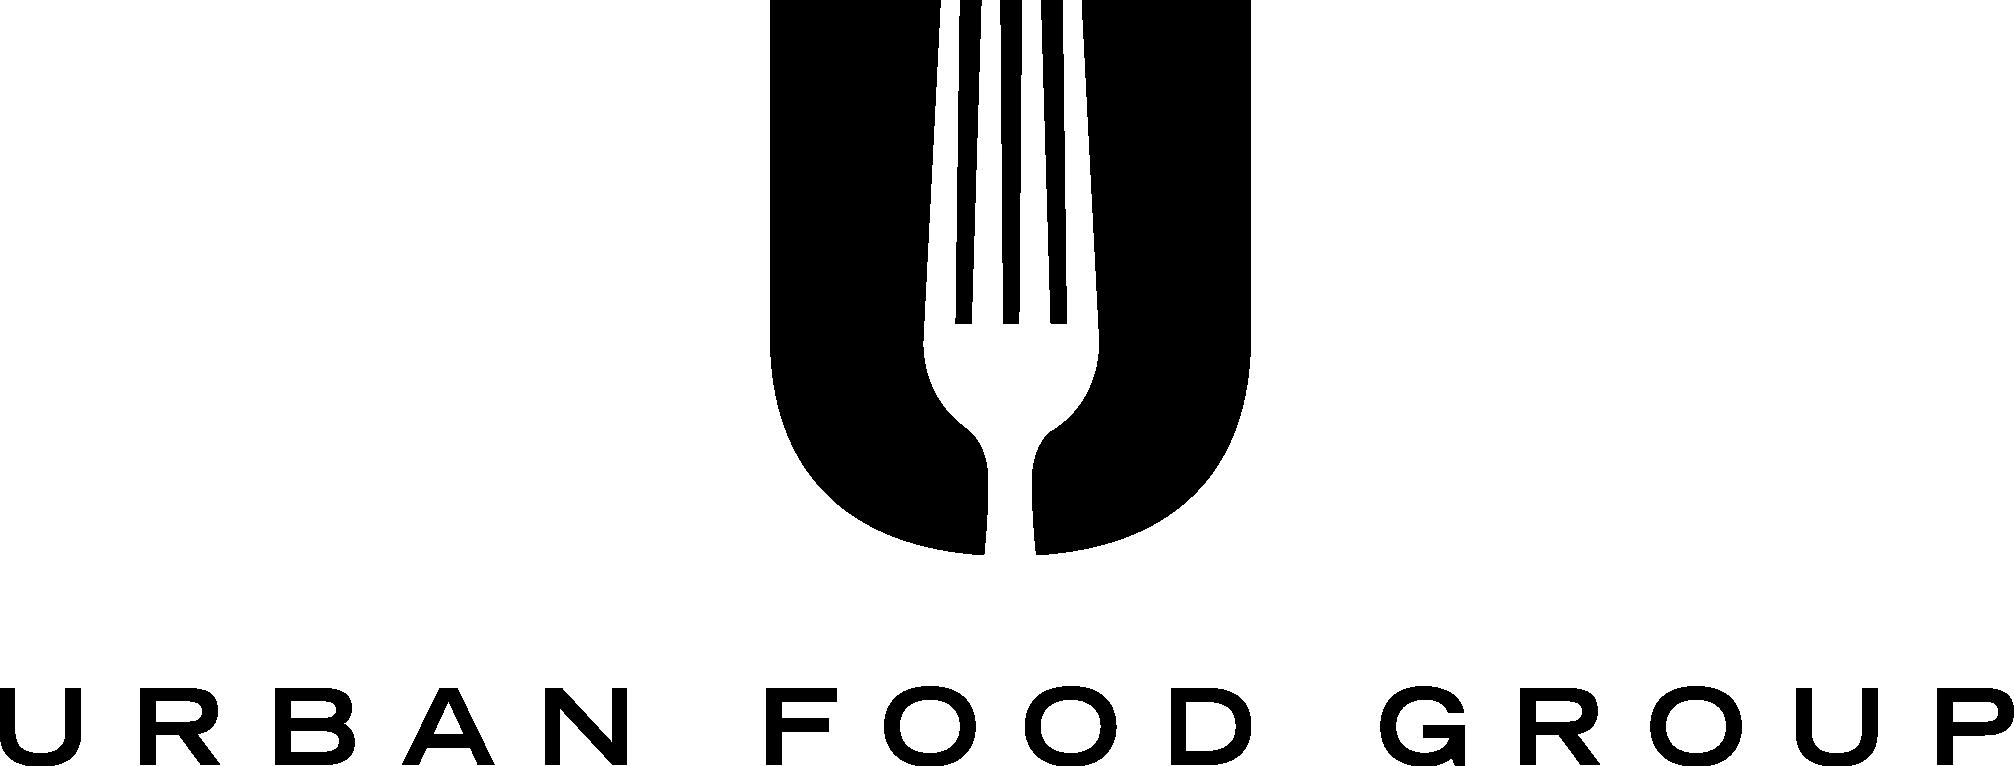 Urban Food Group black logo